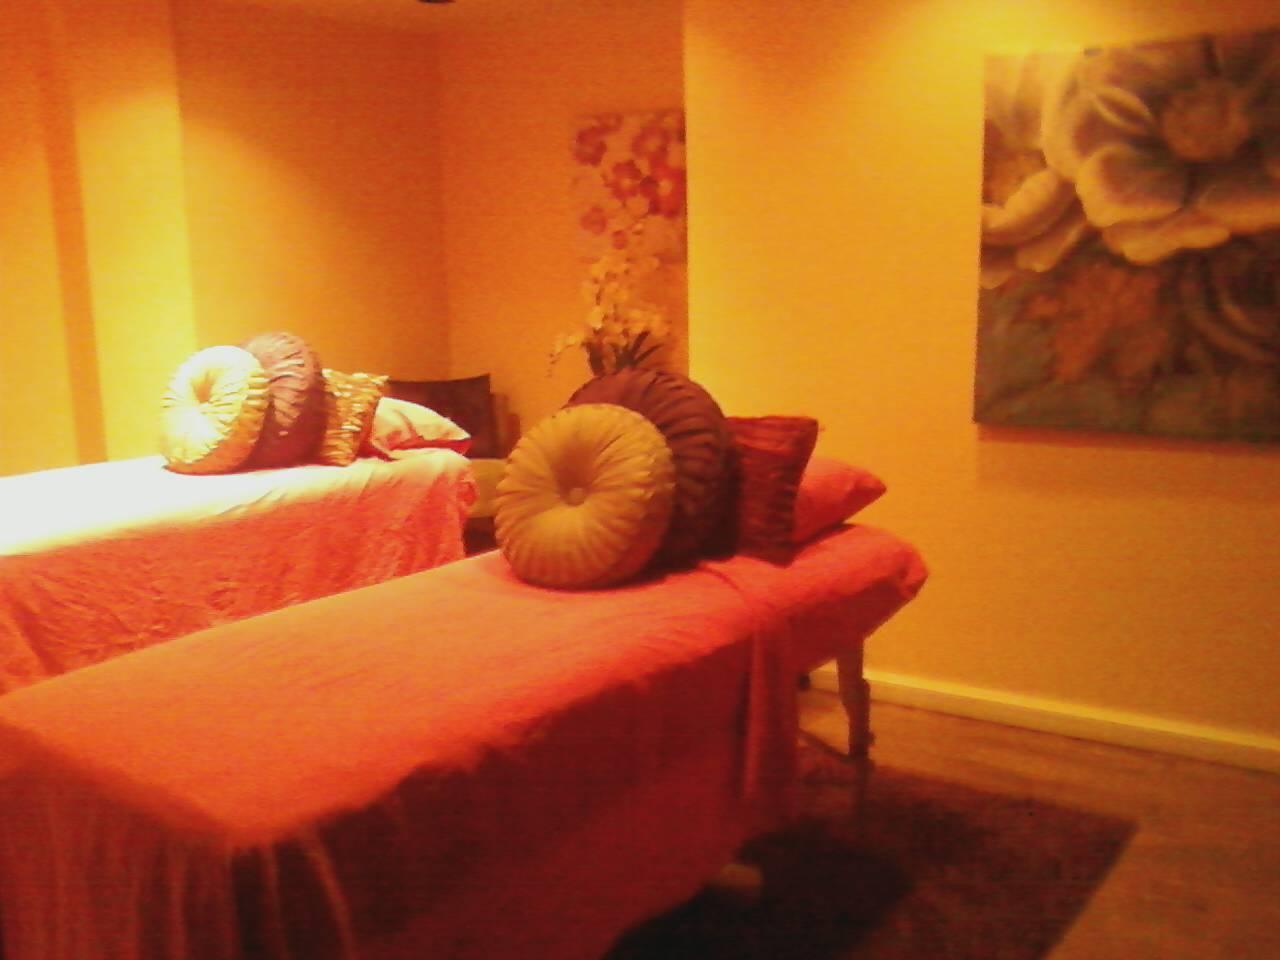 erotic massage hickory nc